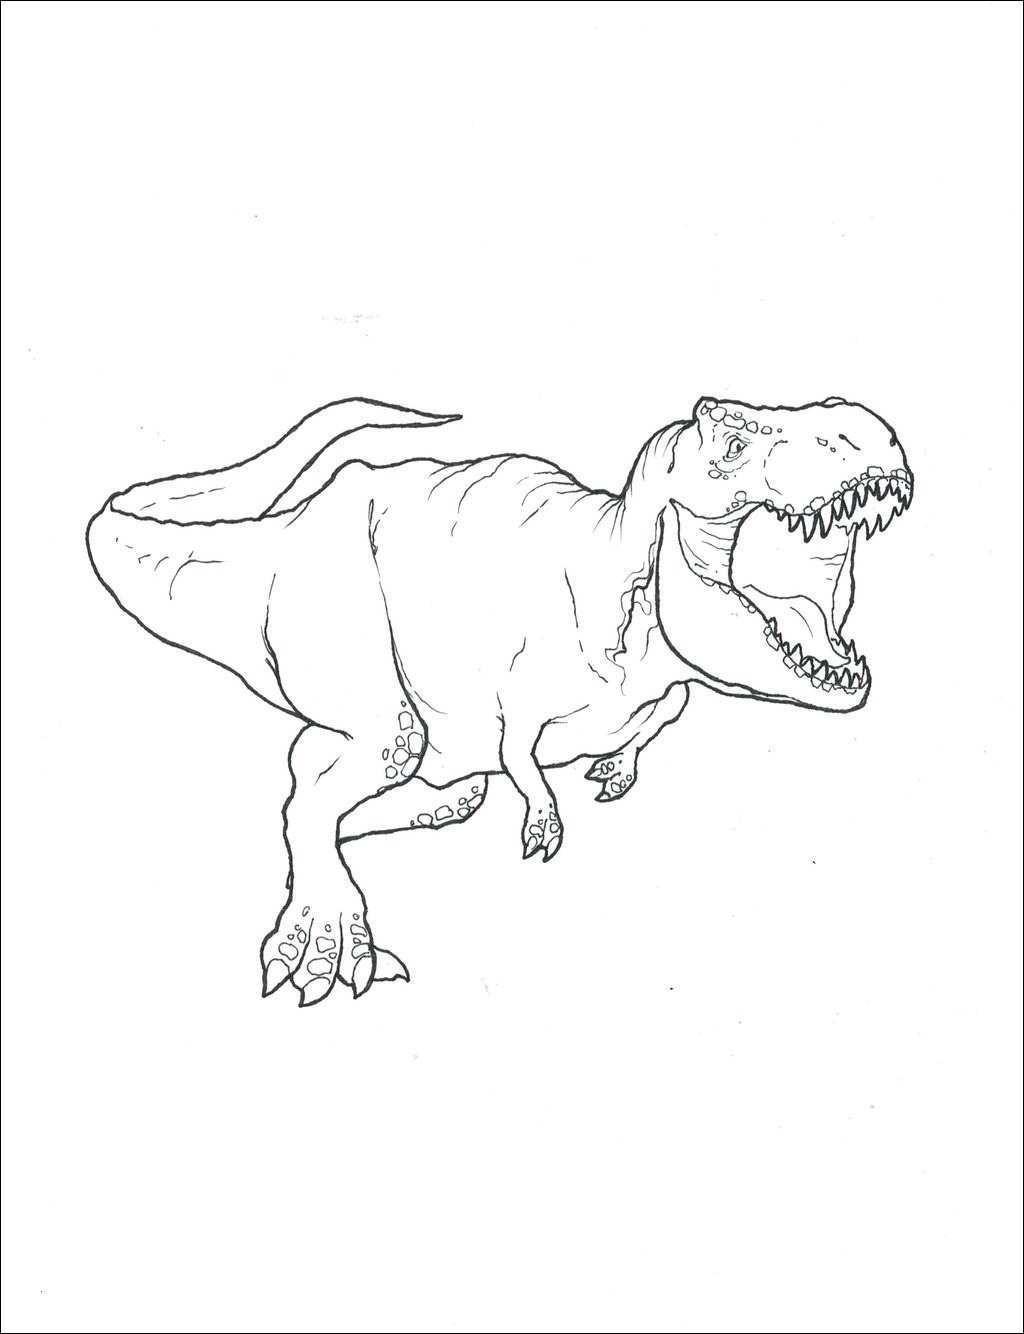 Ausmalbild T-rex Einzigartig T Rex Ausmalbilder Bild Tyrannosaurus Rex Ausmalbilder Best Unique Bilder